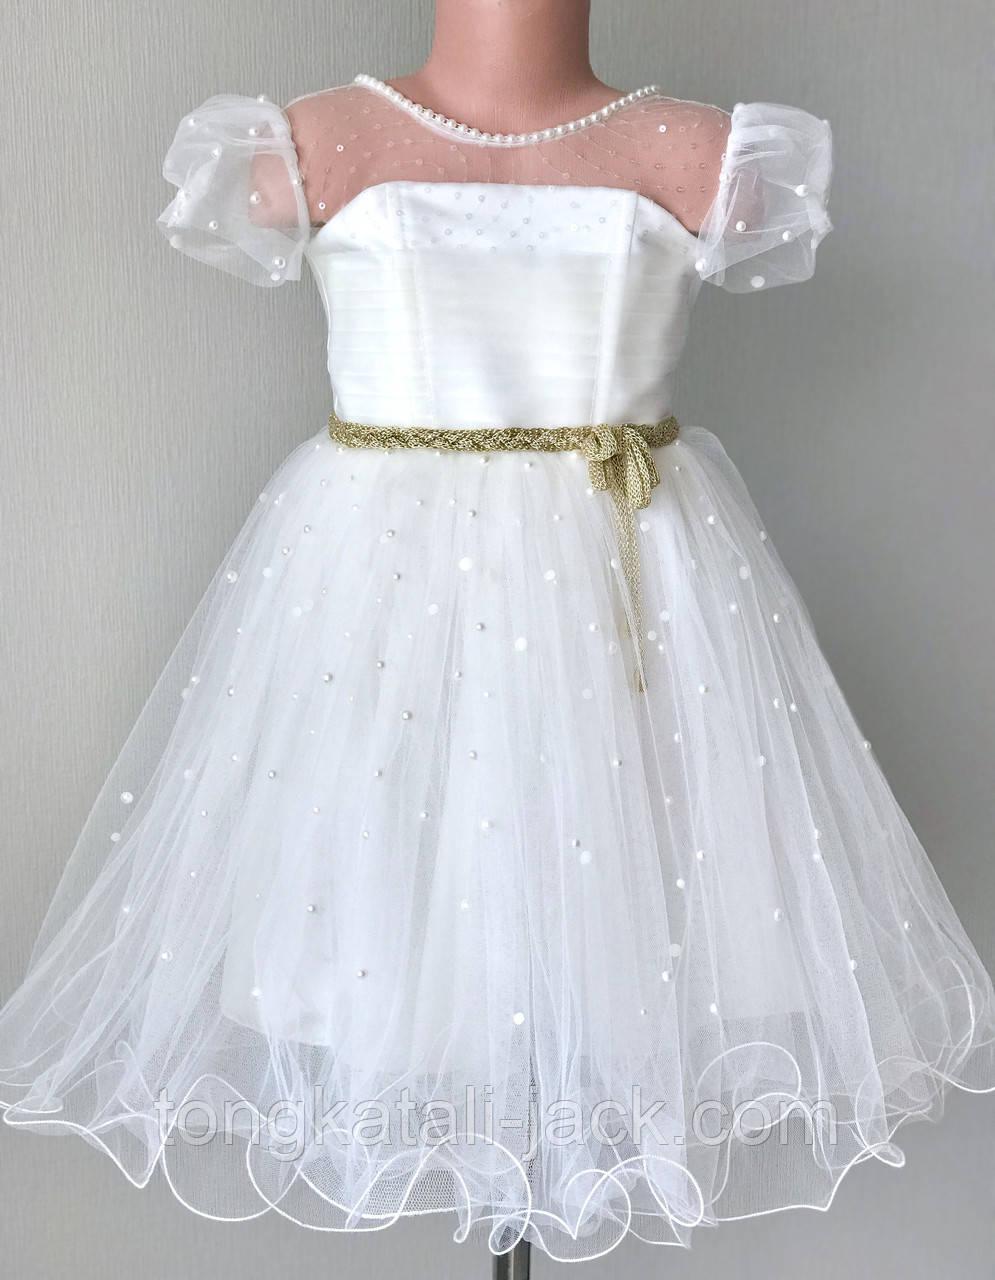 Нарядное платье размер 110-122 см, прокат карнавальной одежды